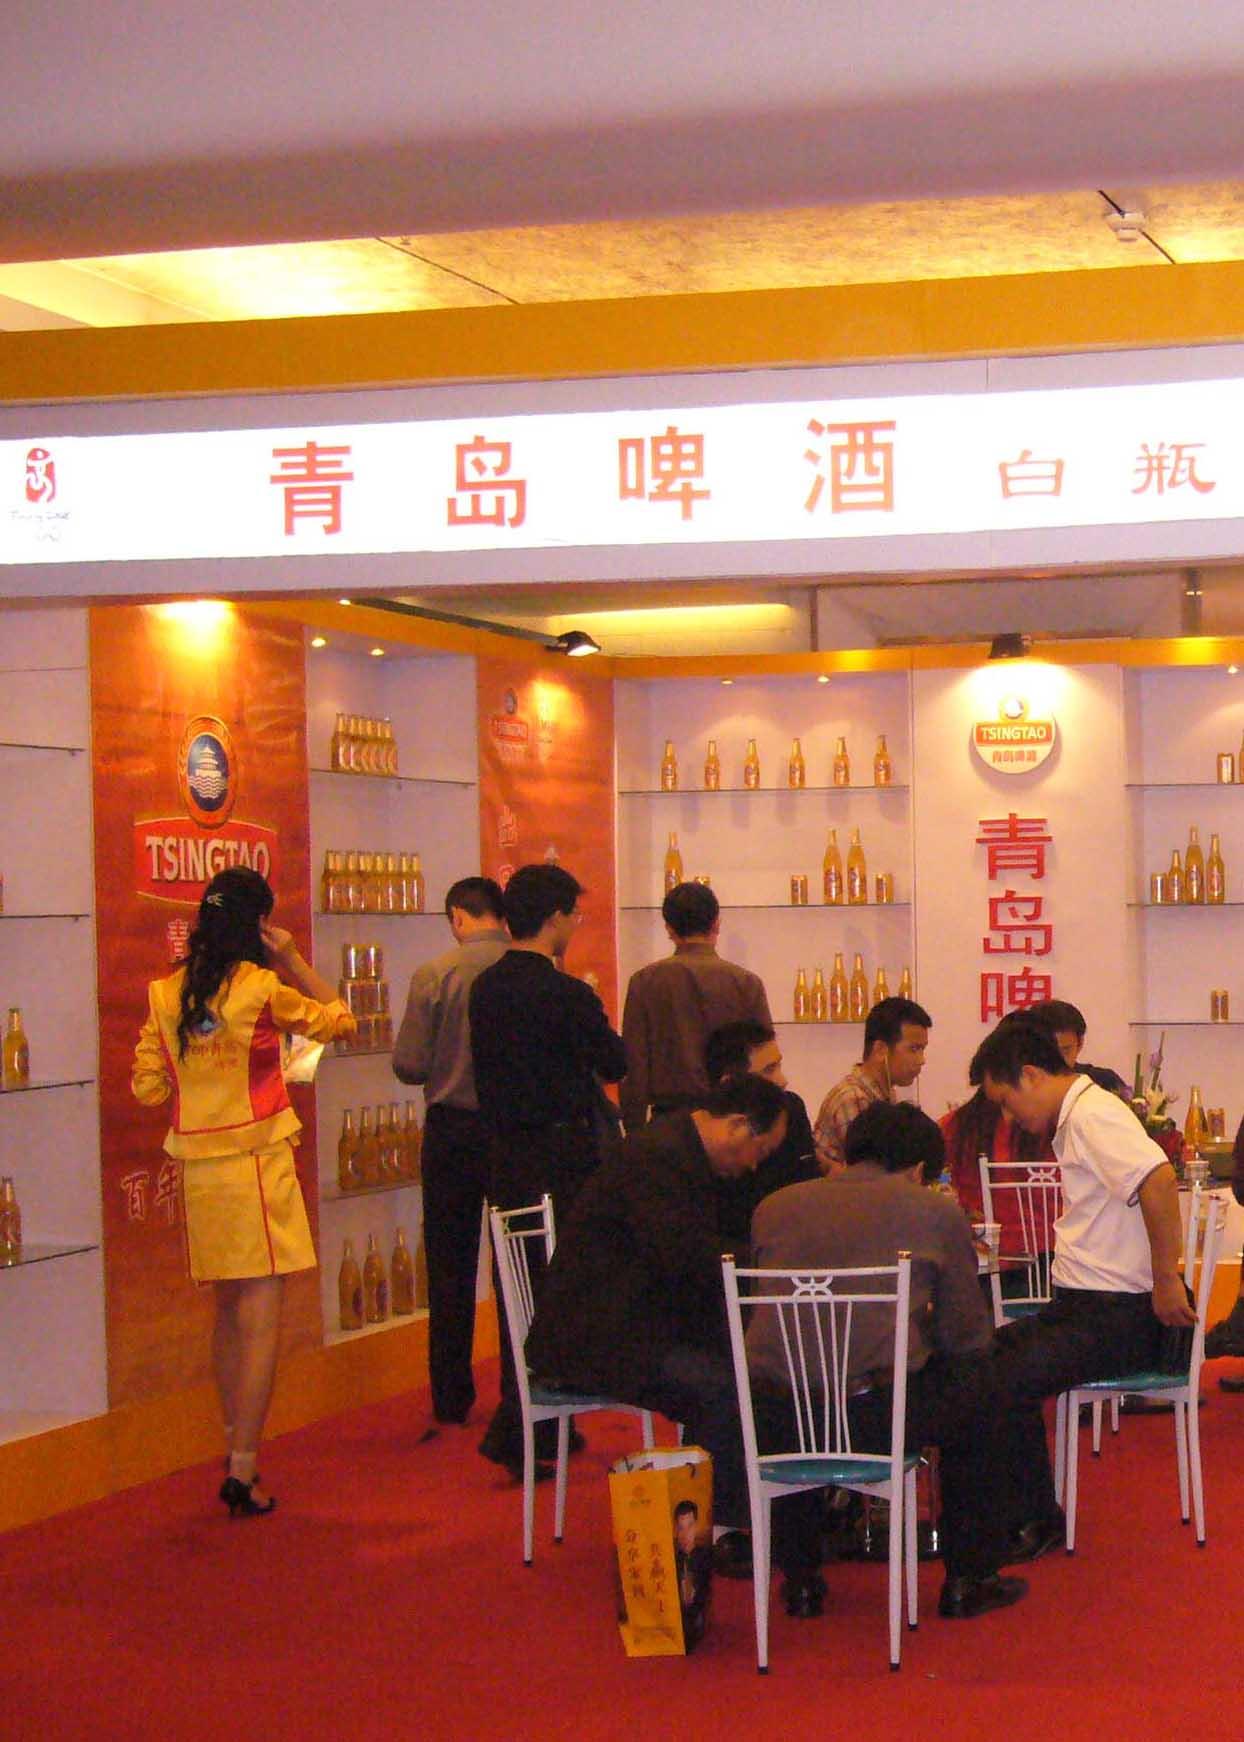 青岛啤酒股份有限公司对青岛啤酒白瓶系列的发展壮大